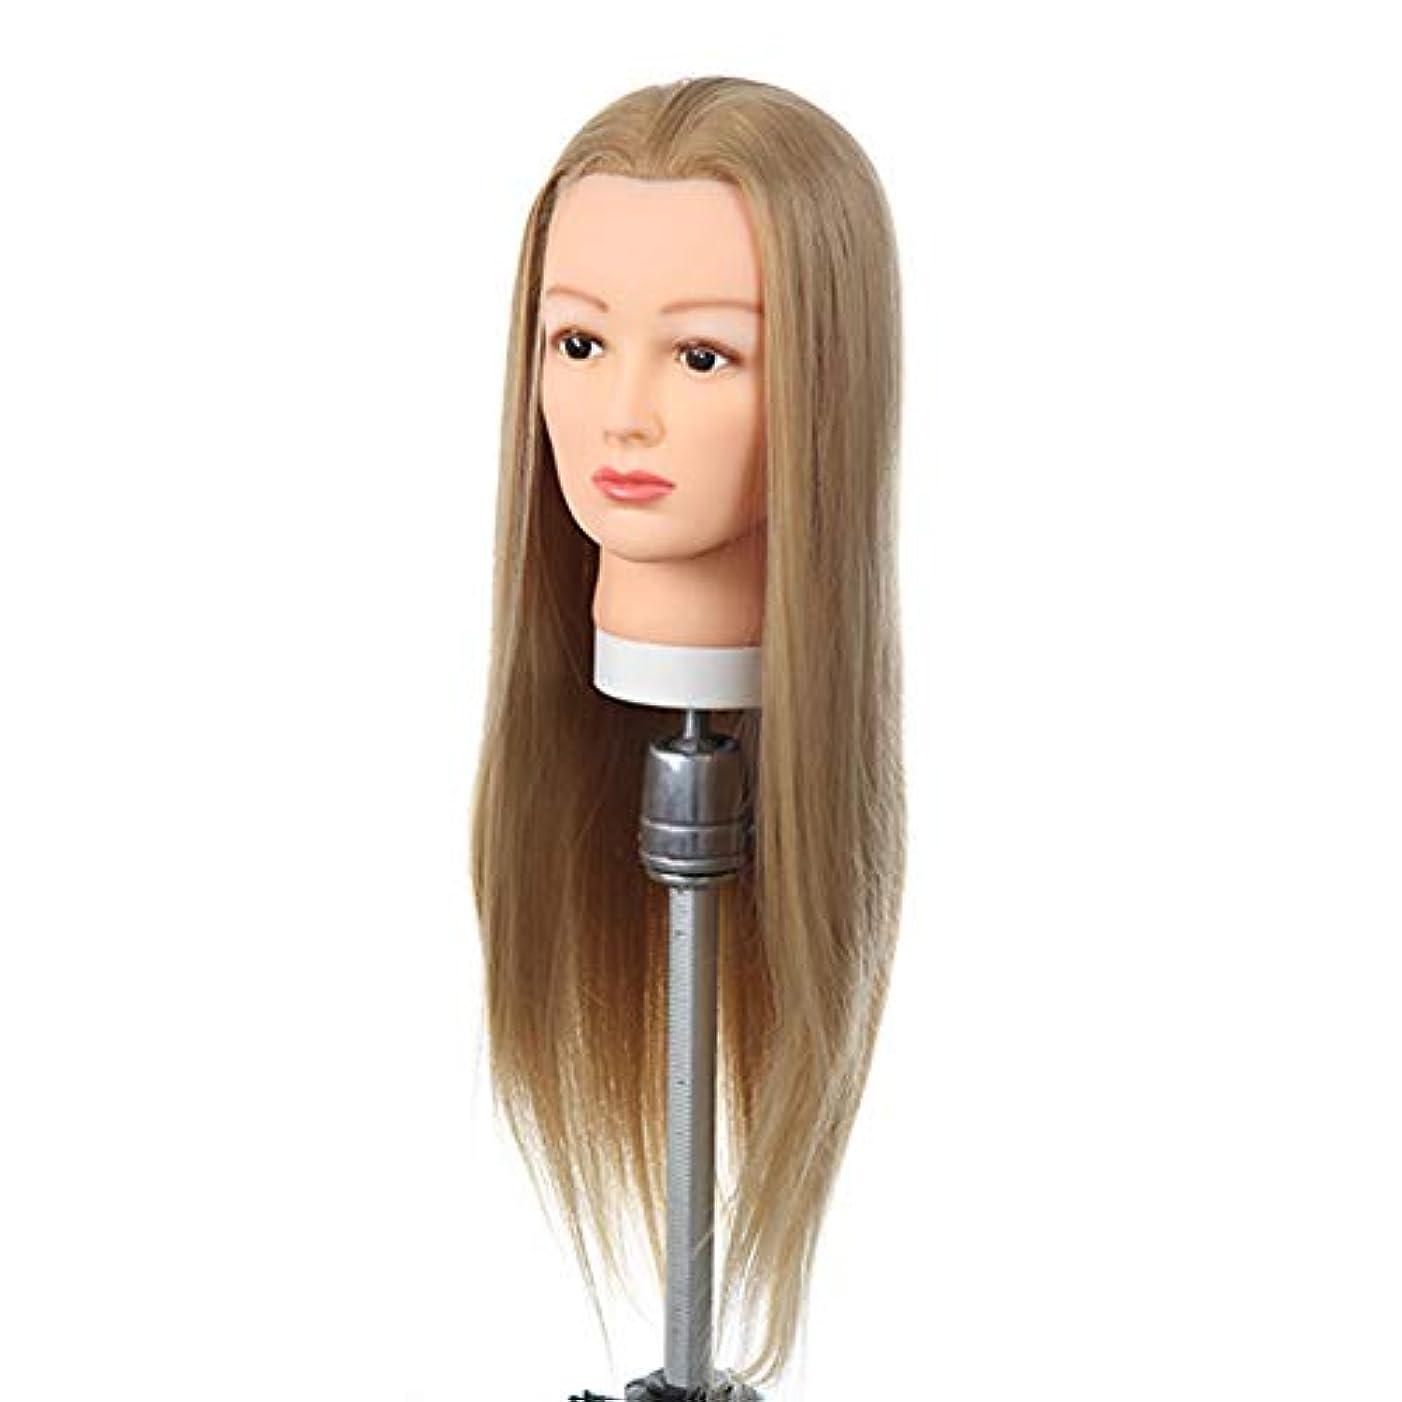 記者小包自明高温シルクヘアエクササイズヘッド理髪店トリムヘアトレーニングヘッドブライダルメイクスタイリングヘアモデルダミーヘッド